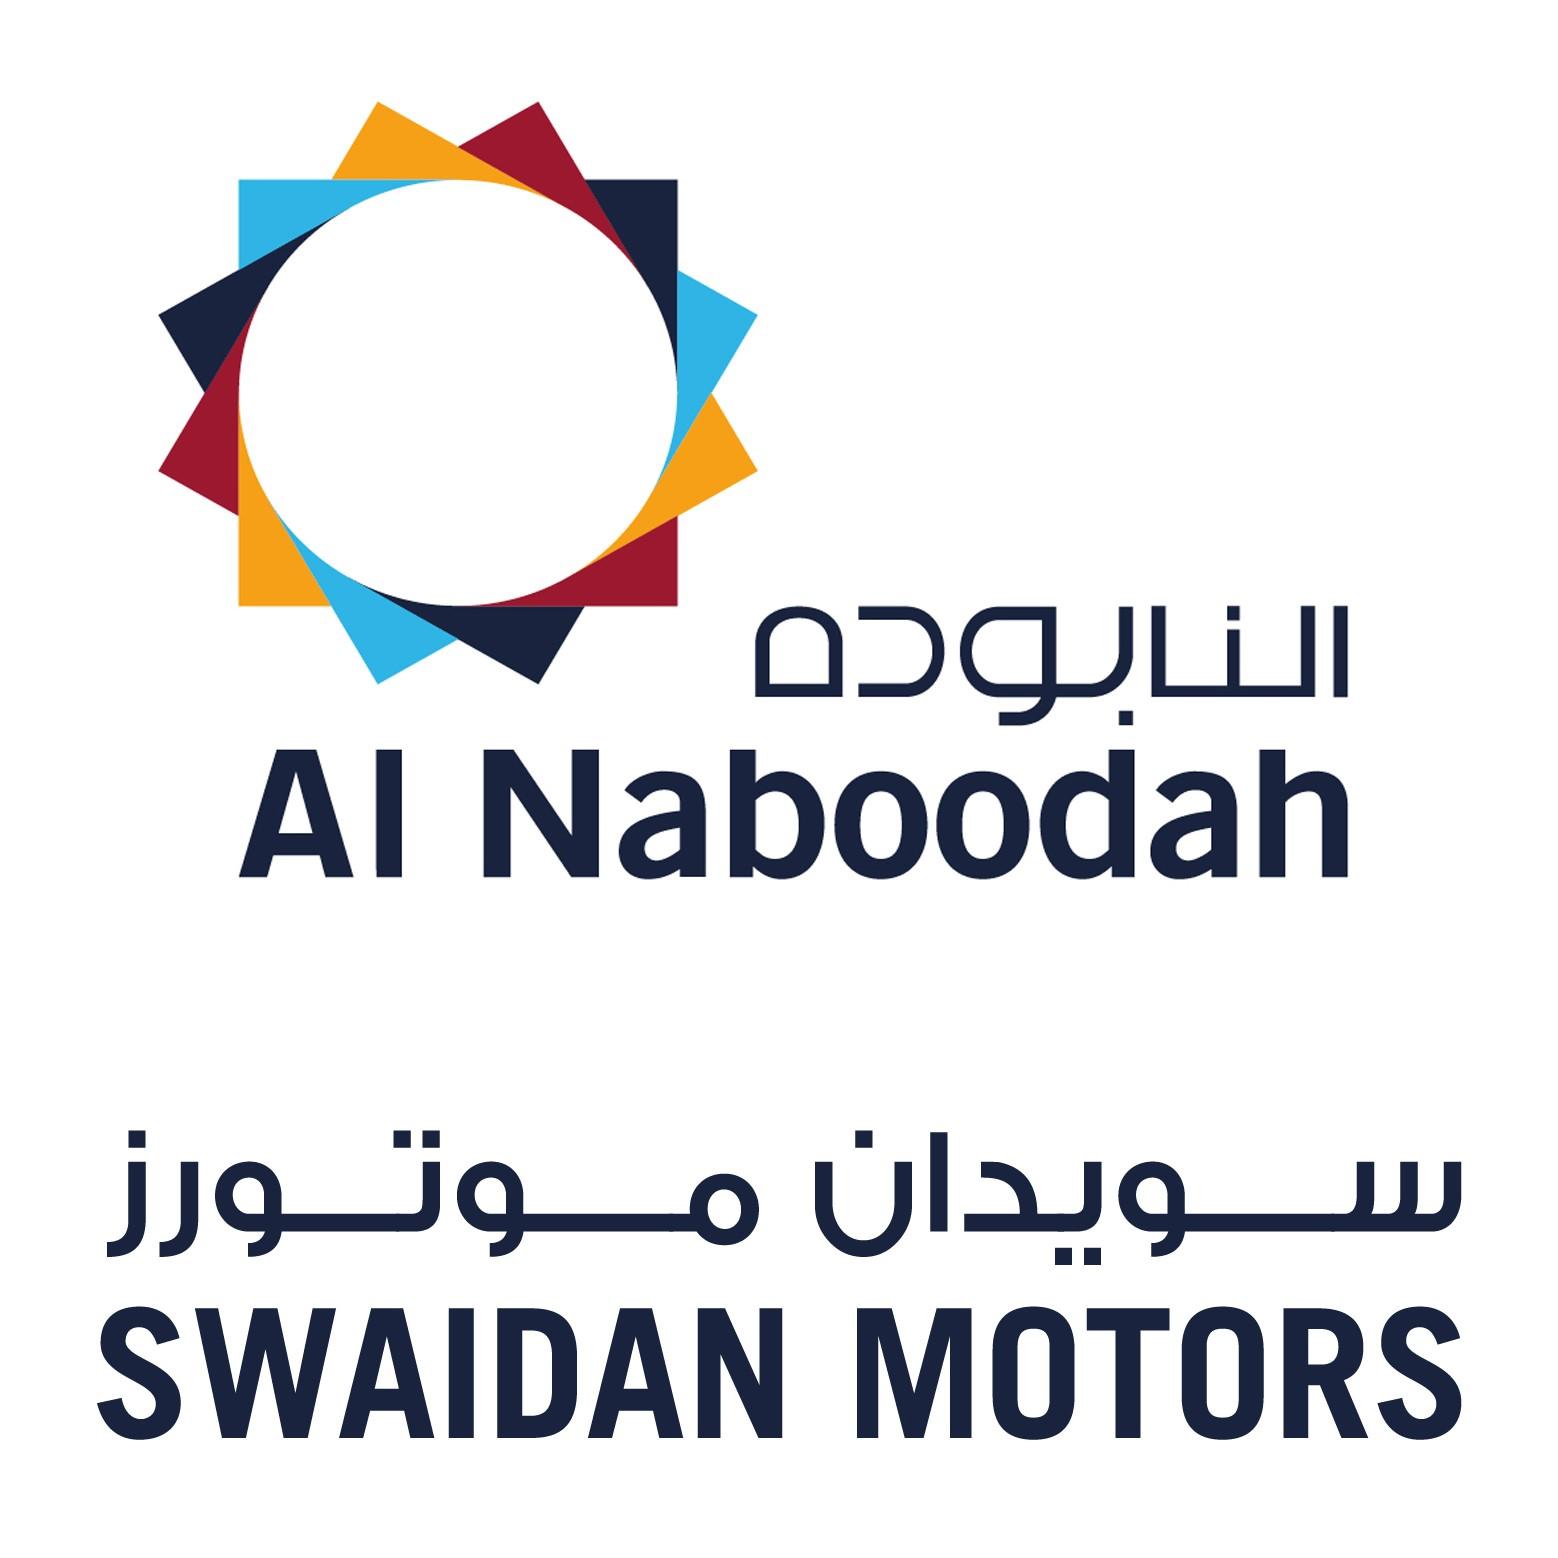 Swaidan motors